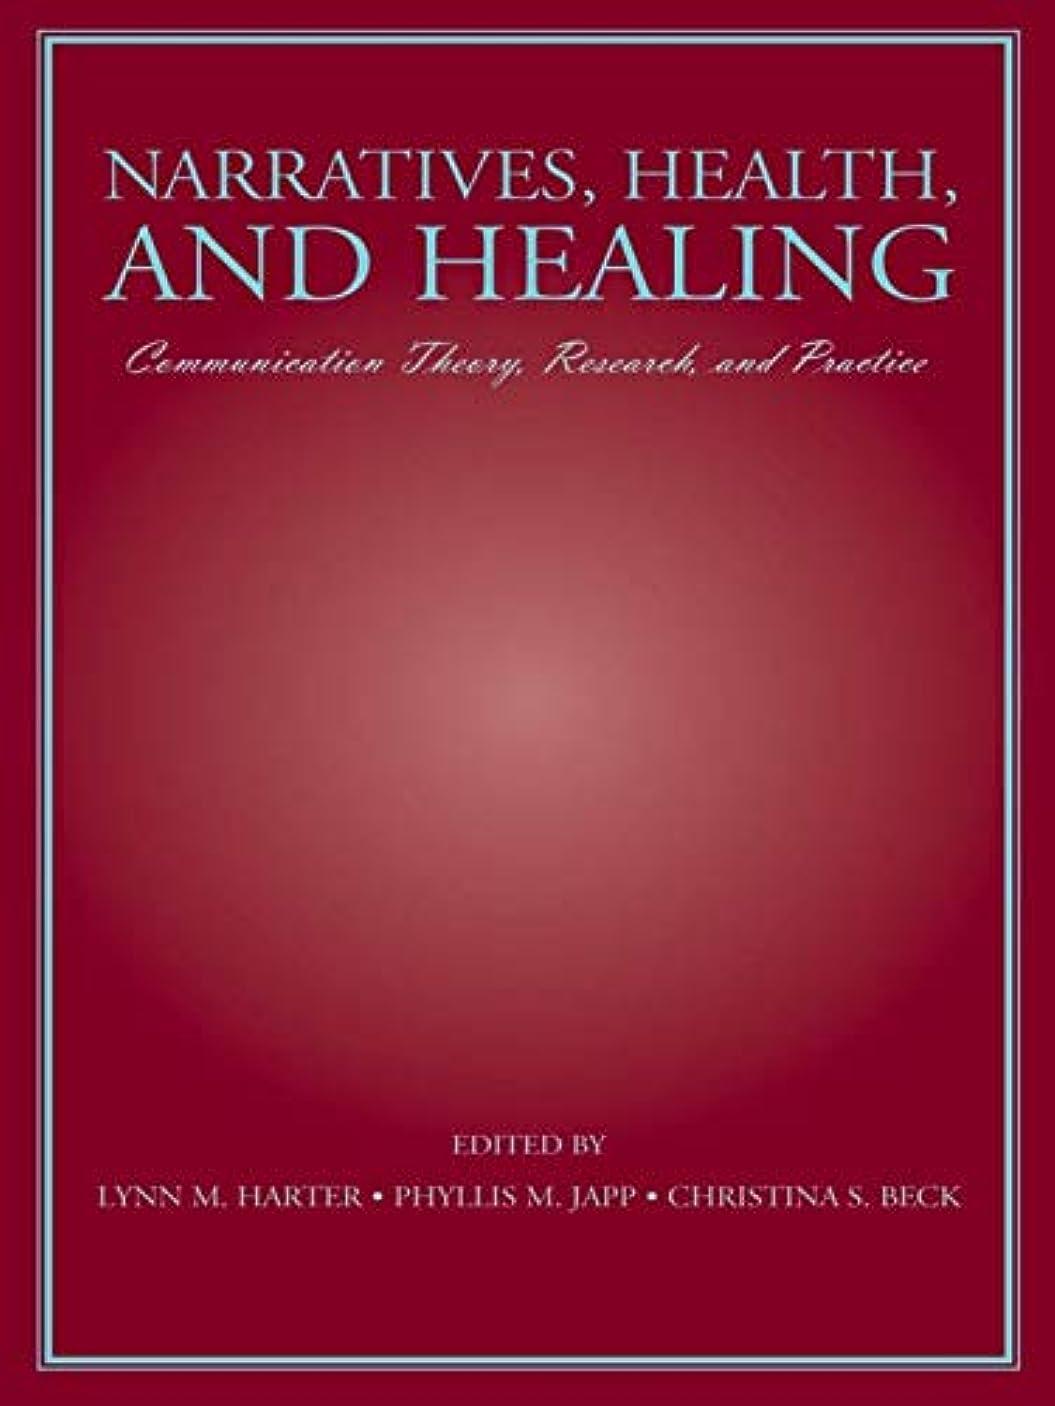 懲戒マグ交換可能Narratives, Health, and Healing: Communication Theory, Research, and Practice (Routledge Communication Series) (English Edition)